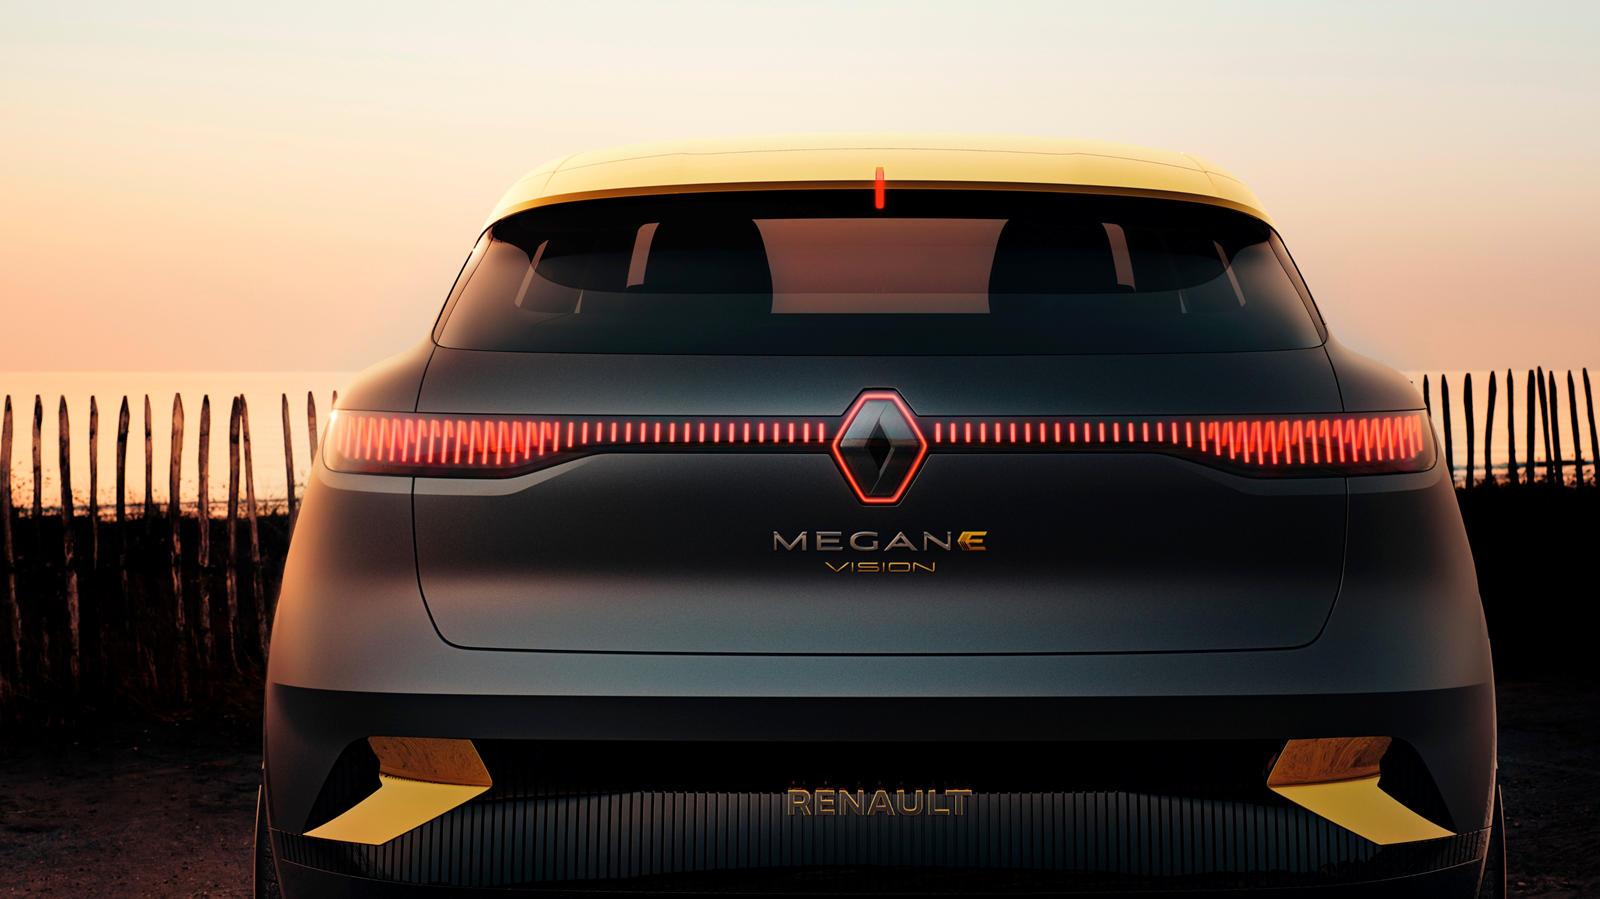 Мир автомобилей переживает масштабную смену парадигмы, и большинство автопроизводителей стремятся сократить свои углеродные следы за счет огромной прибыли. Французская компания Renault является одной из них и надеется на долгие годы стать крупным игр